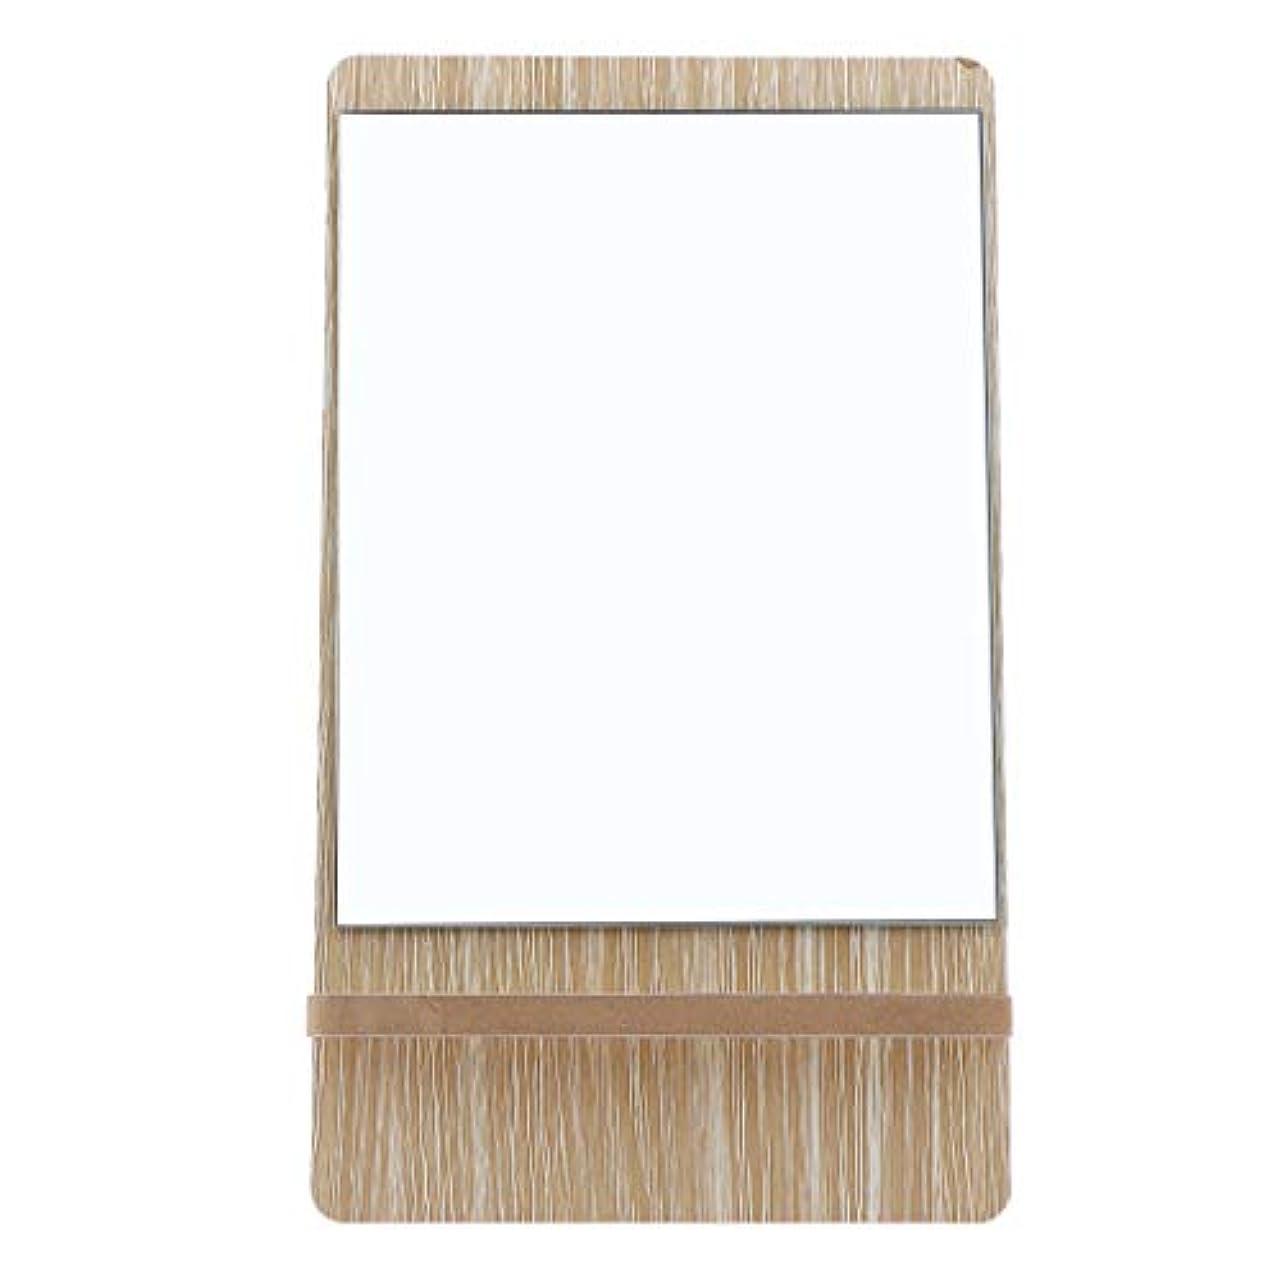 決済燃料白い鏡 卓上 スタンド 化粧鏡 メイクミラー 折りたたみ バニティミラー 3サイズ選べ - 大